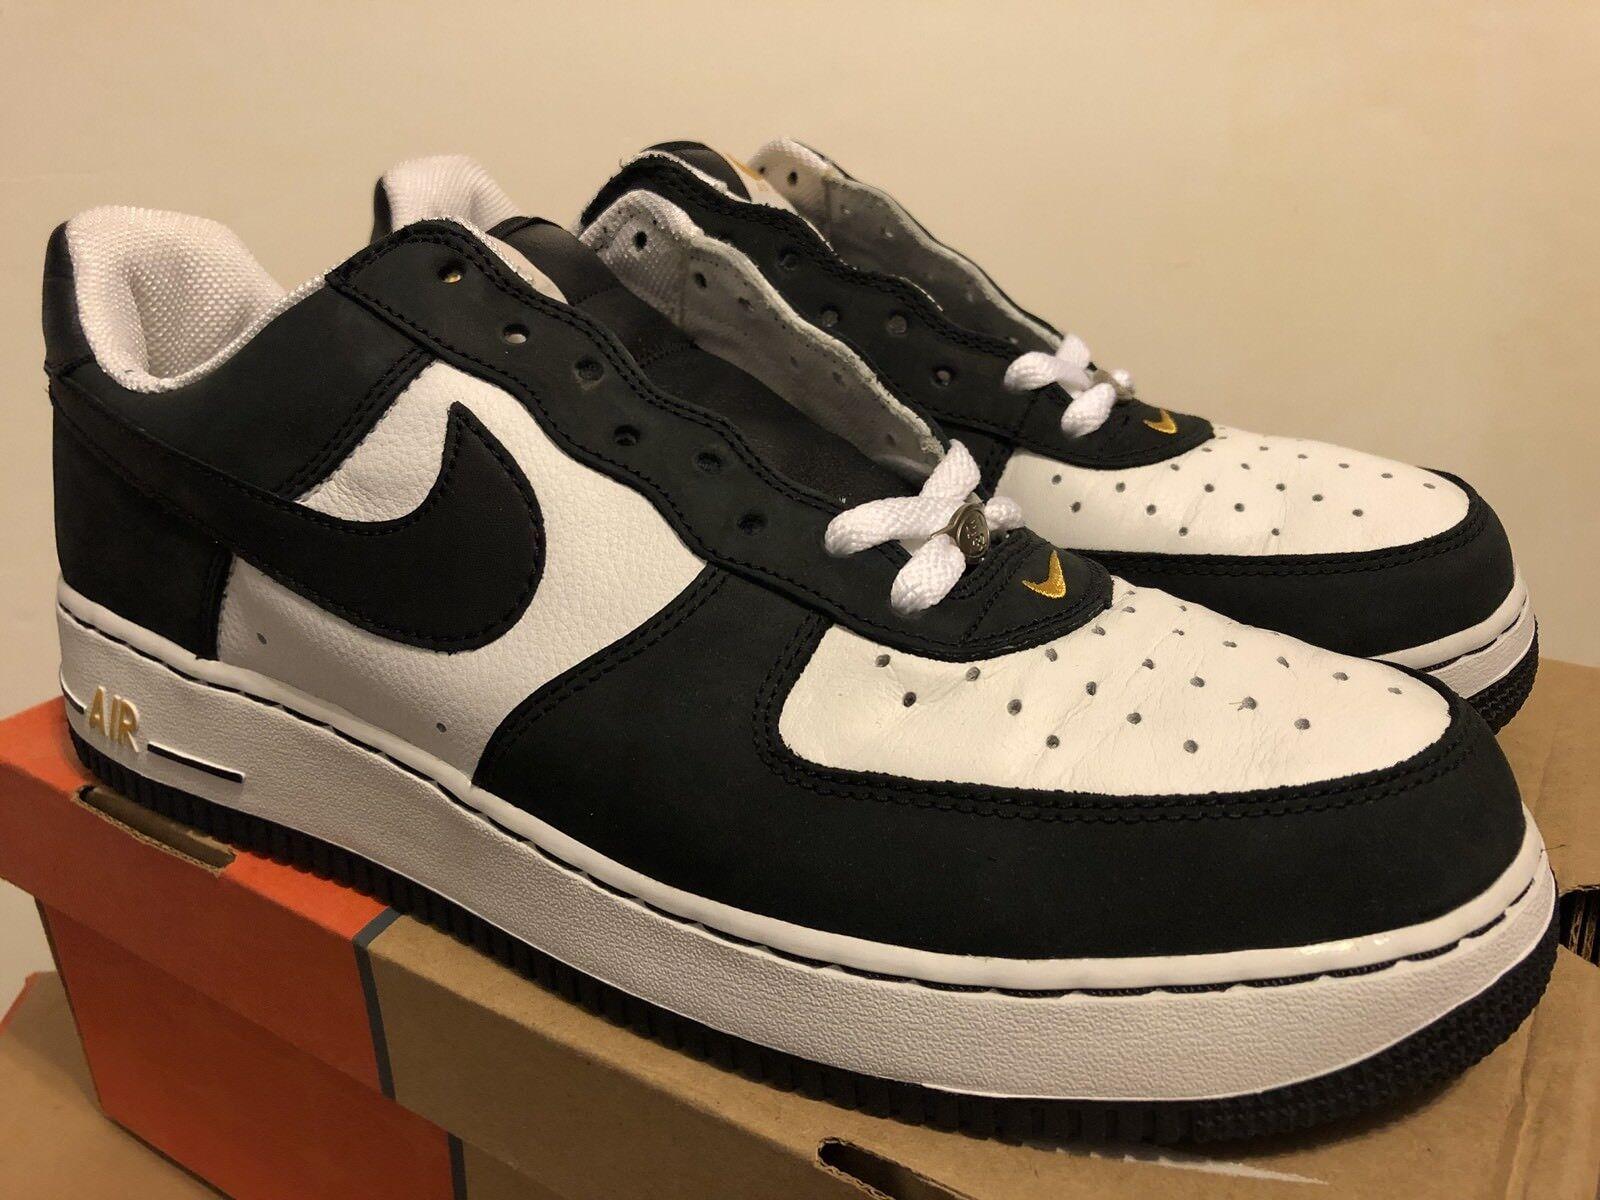 Nike Air Force 1 JD Sports blanco   SZ negro   deporte oro 2018 SZ   12  muertos para el último descuento zapatos para hombres y mujeres 8c6d1d dc023ea053750